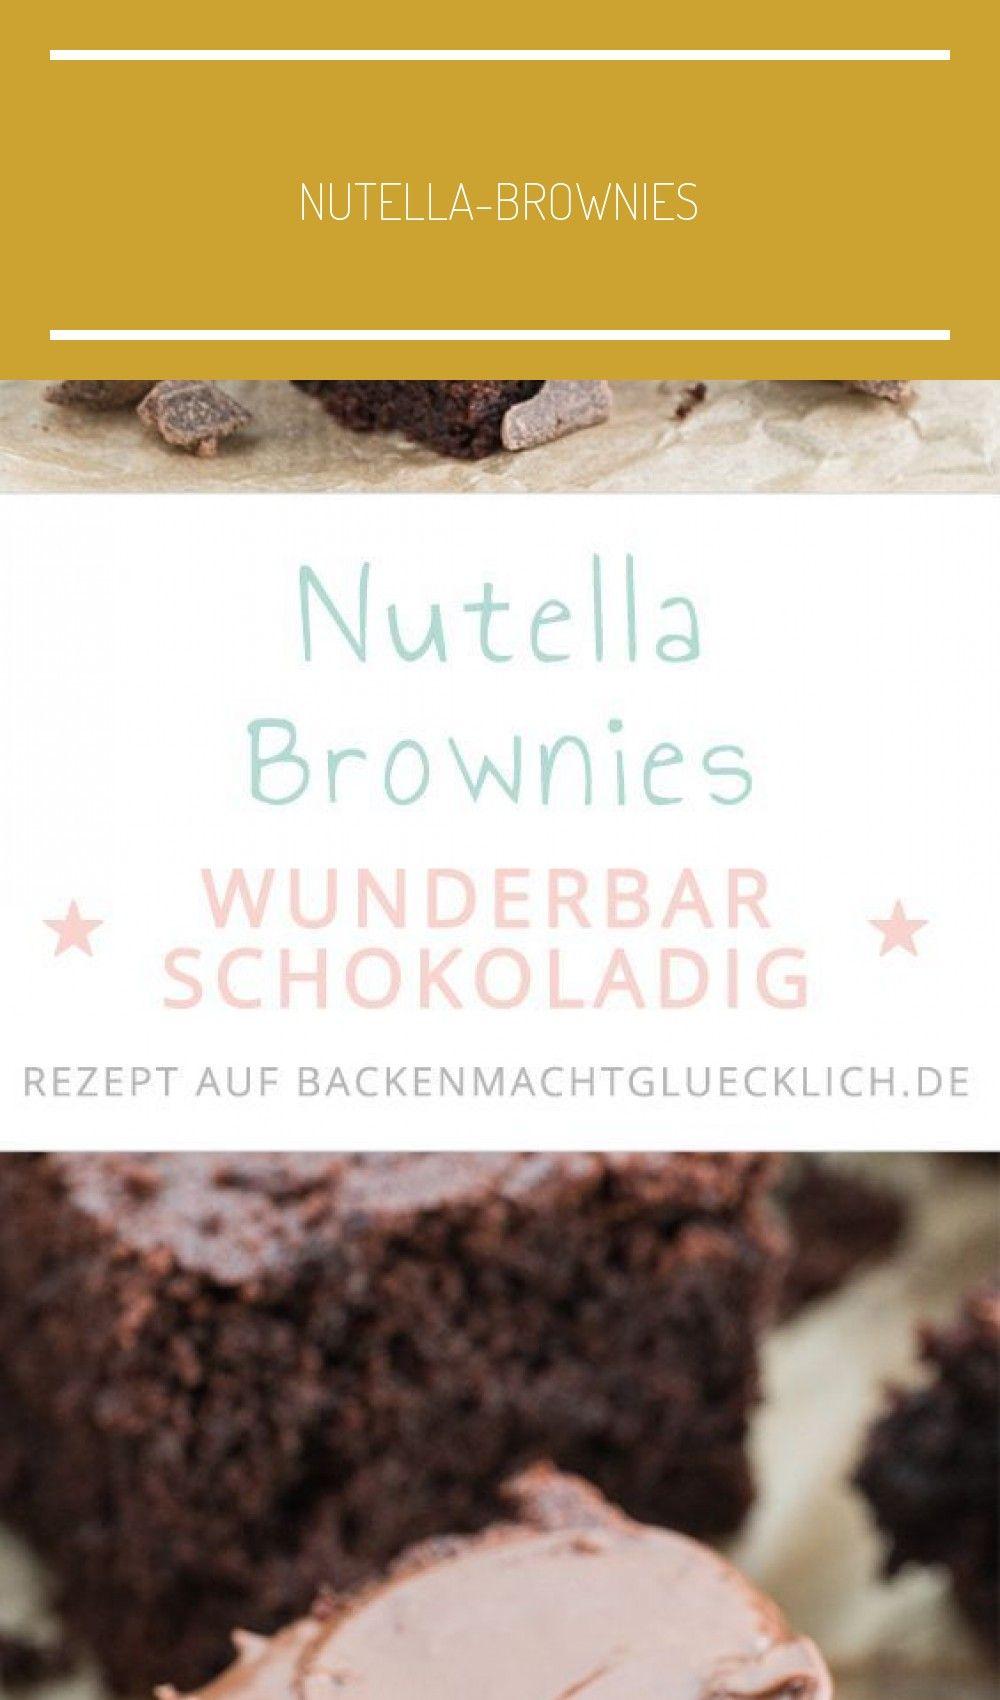 Das perfekte Nutella-Brownie-Rezept: einfach, schnell und mit köstlichem Ergebnis! Die Nutella-Bro